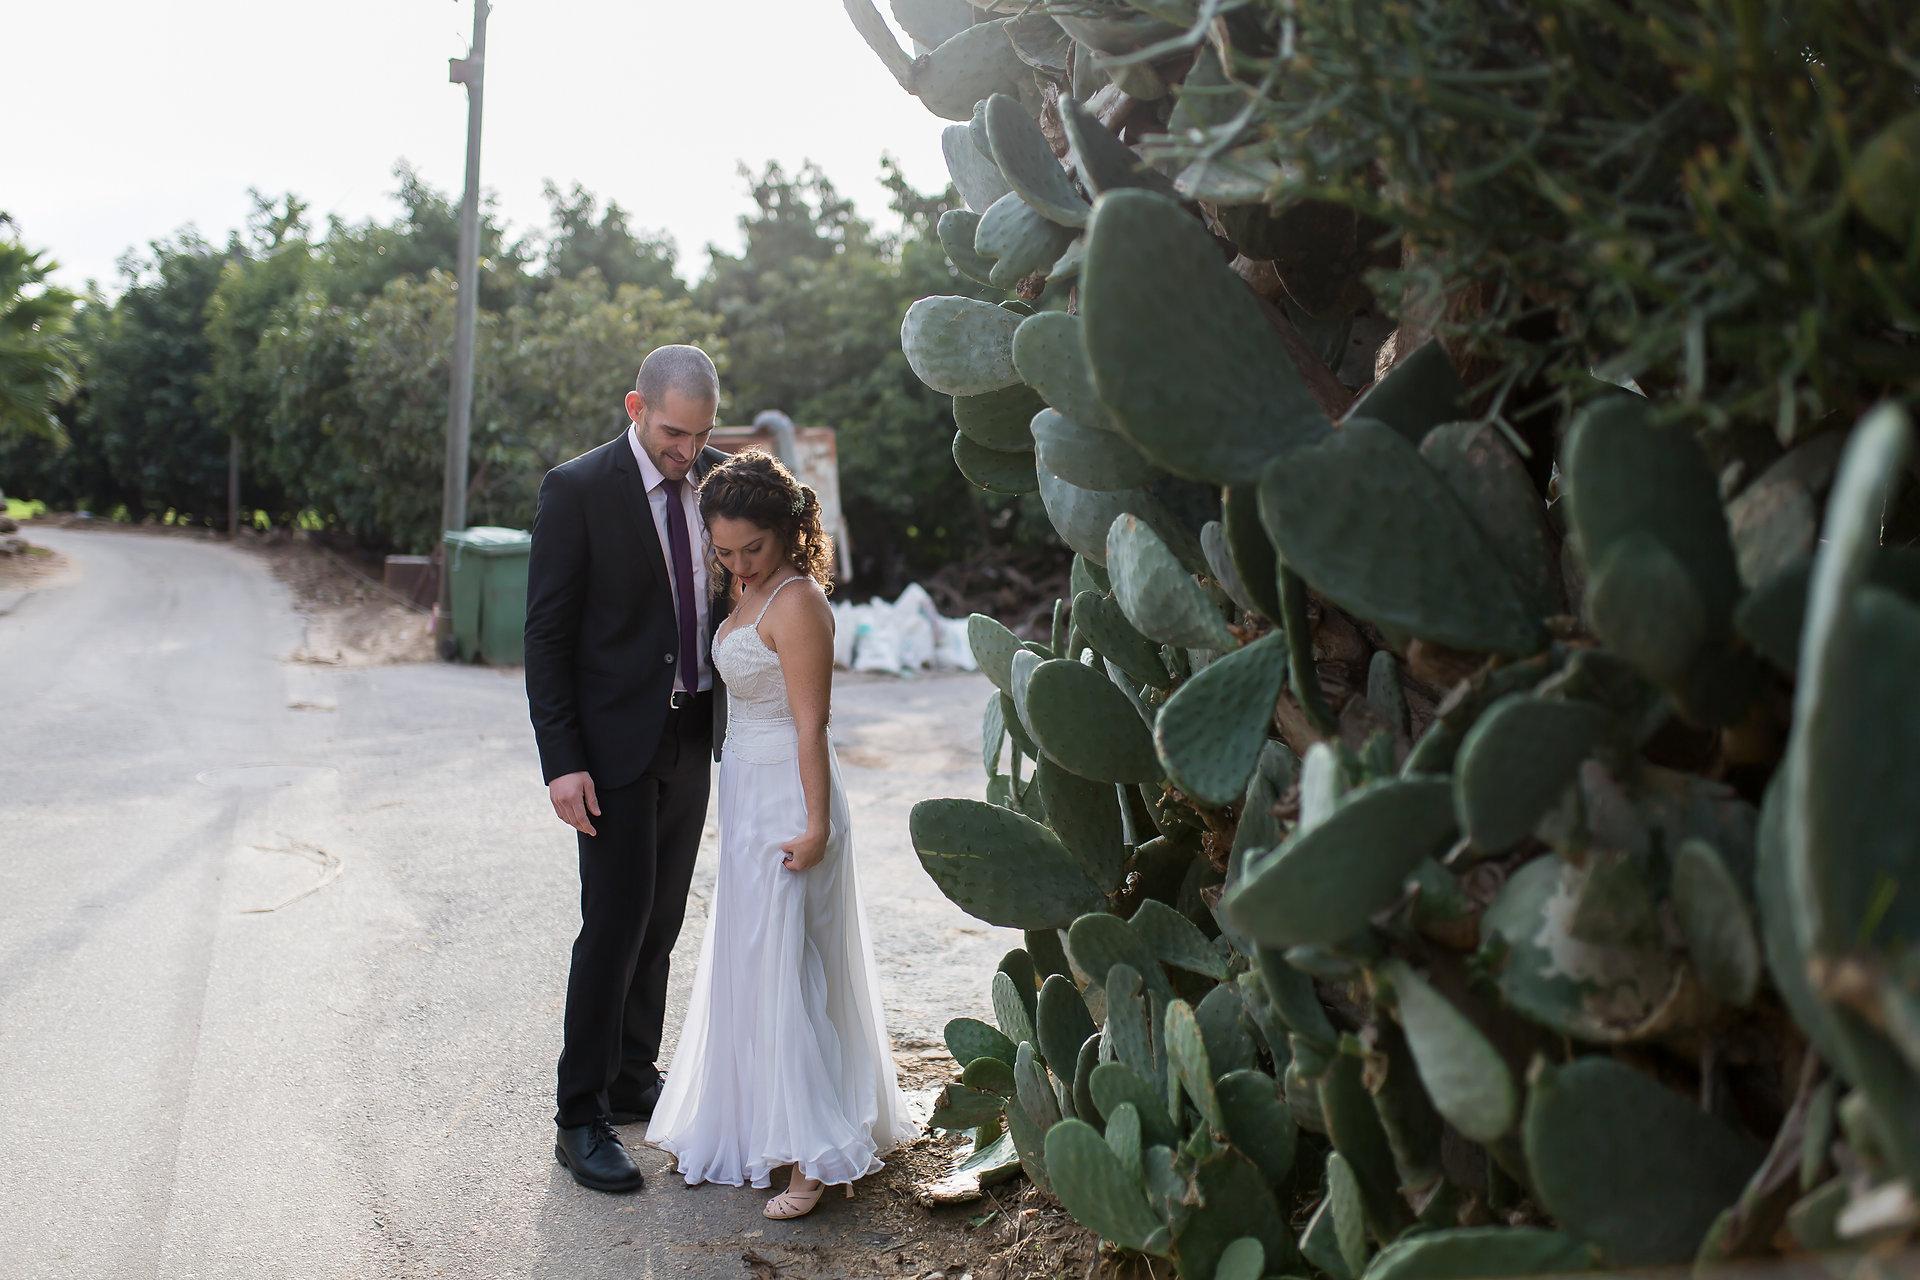 גילעד משיח צלם חתונותגילעד משיח צלם חתונות